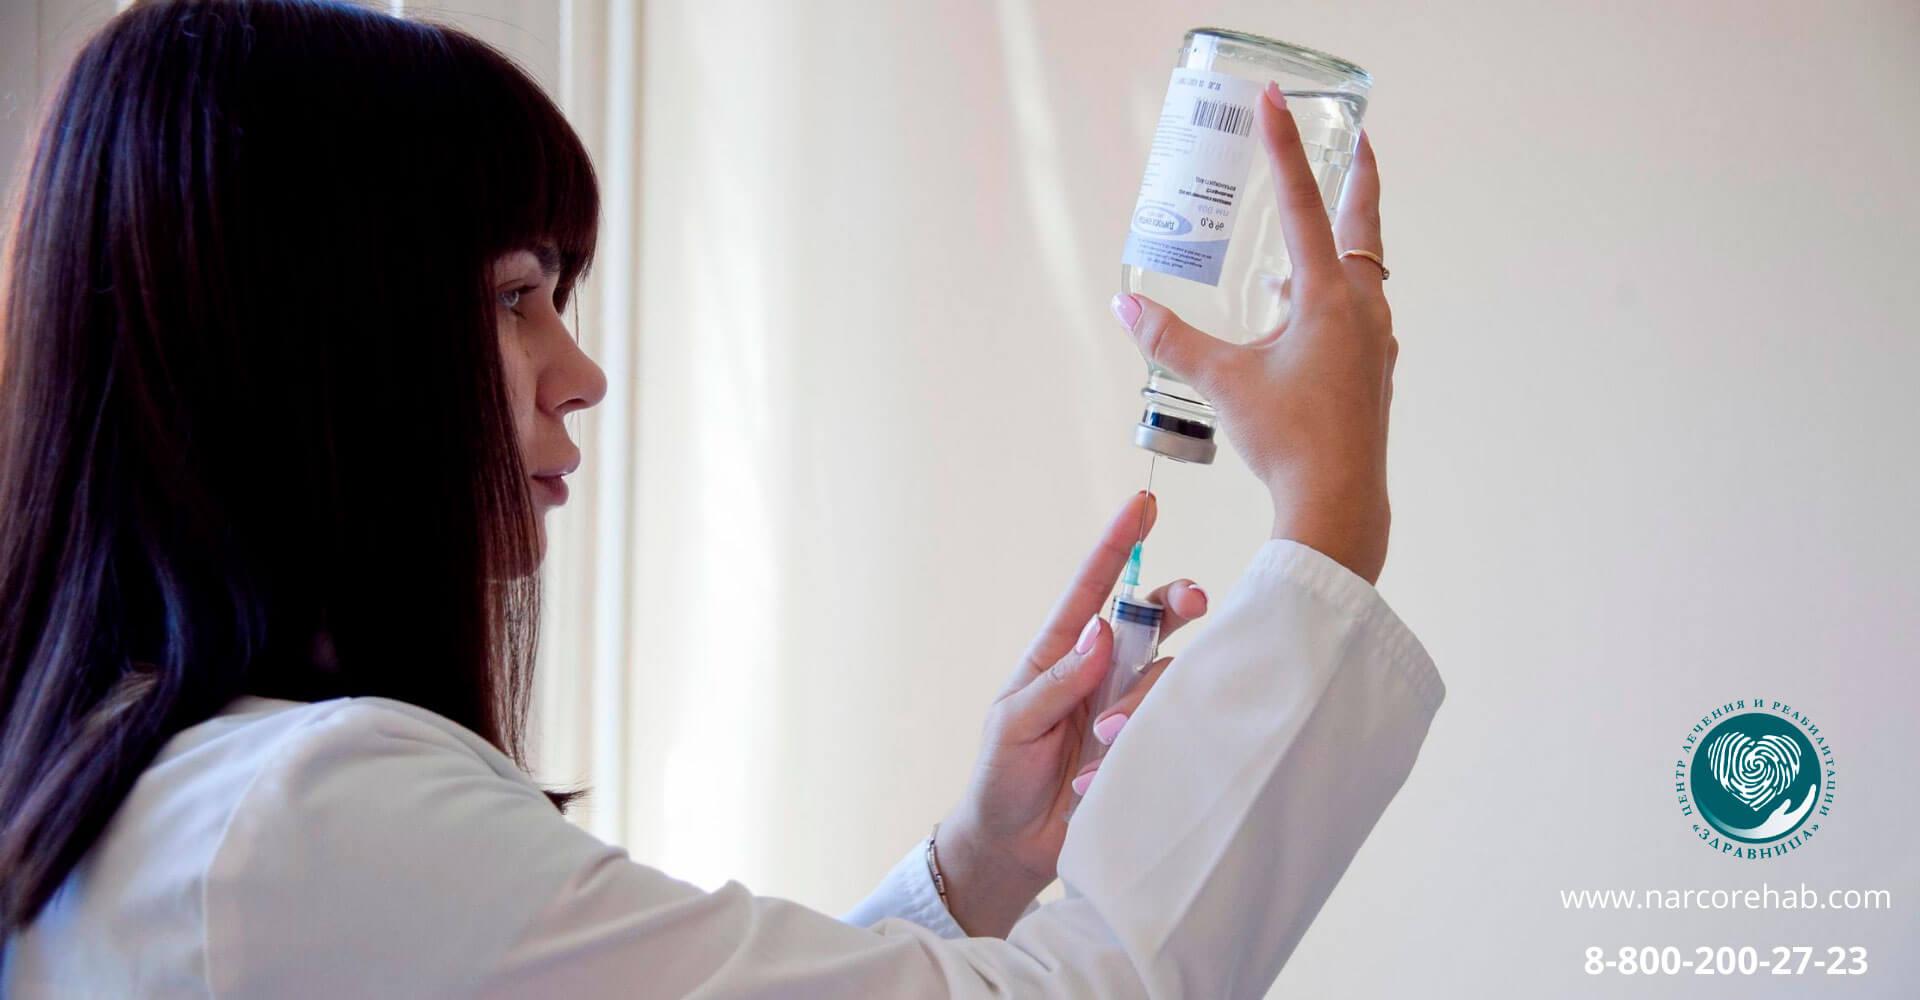 Как проходит лечение алкоголизма в домашних условиях